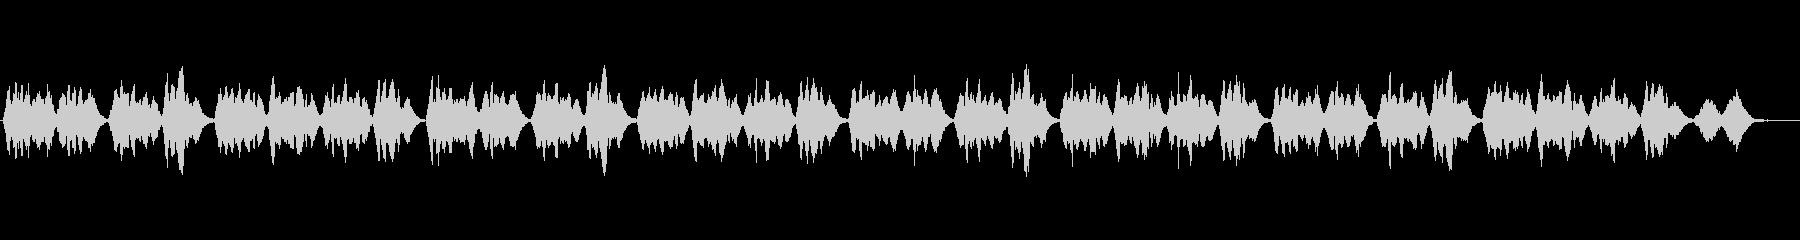 讃美歌430「いもせをちぎる」の未再生の波形